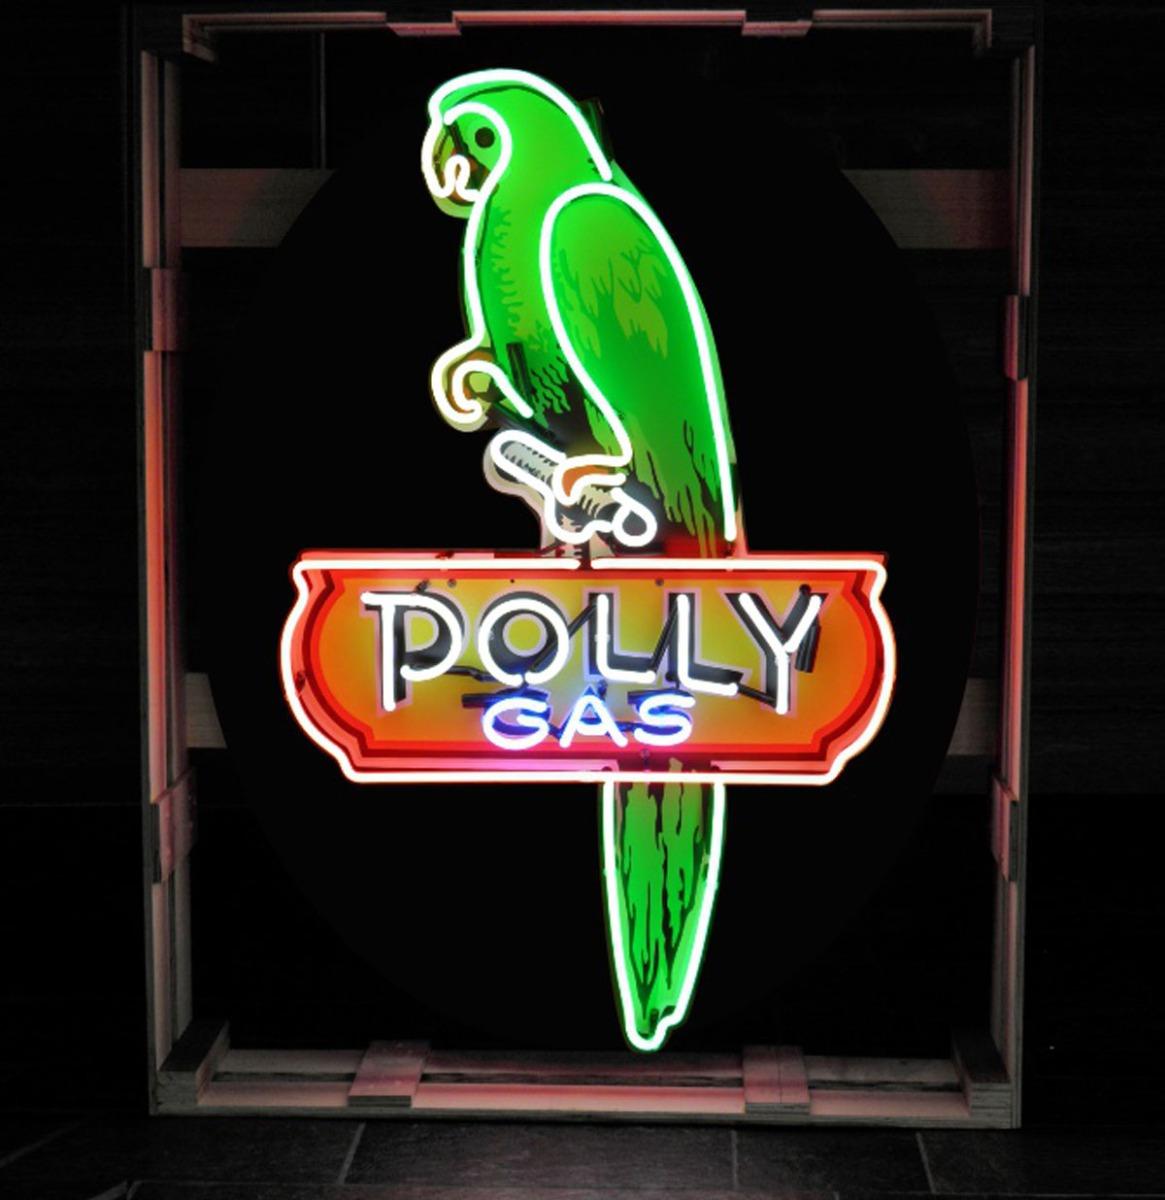 Polly Gas Neon Verlichting - XL - 100 x 70 cm